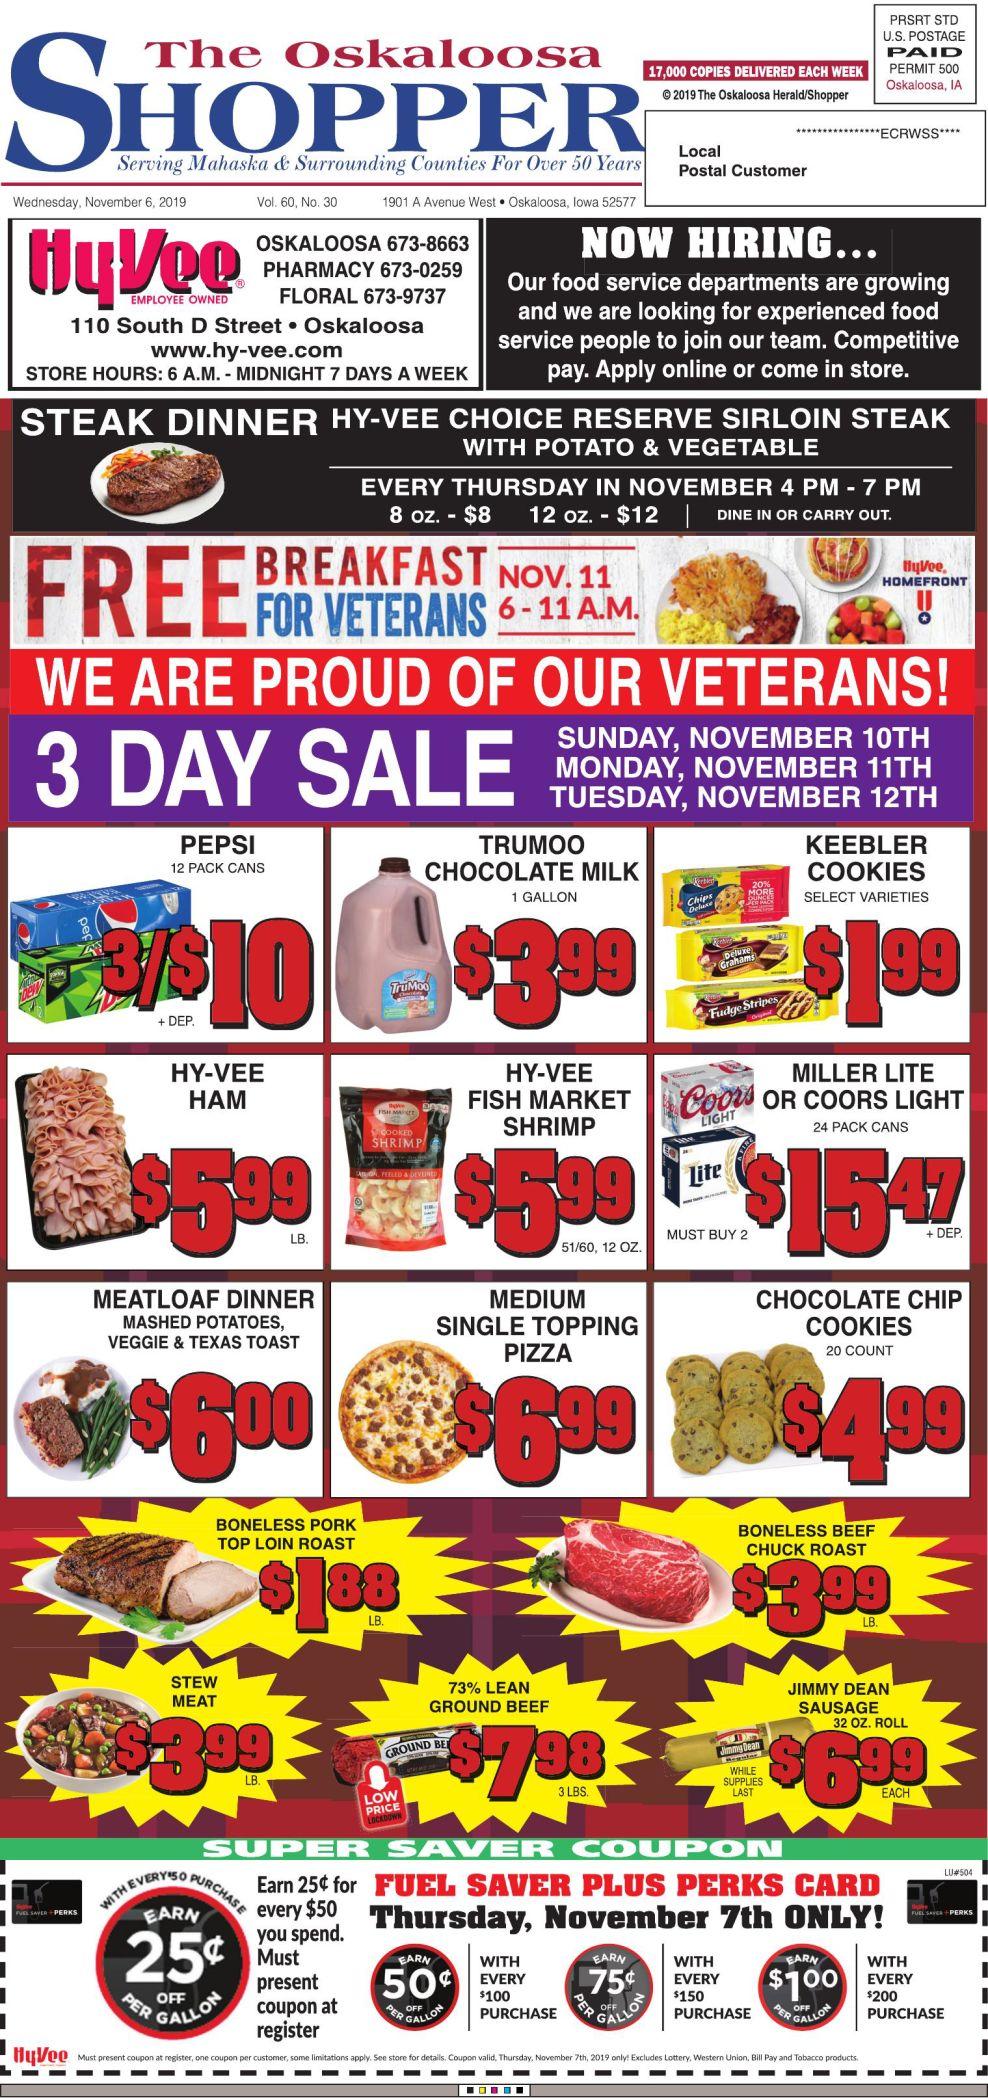 Oskaloosa Shopper week of 11/6/2019